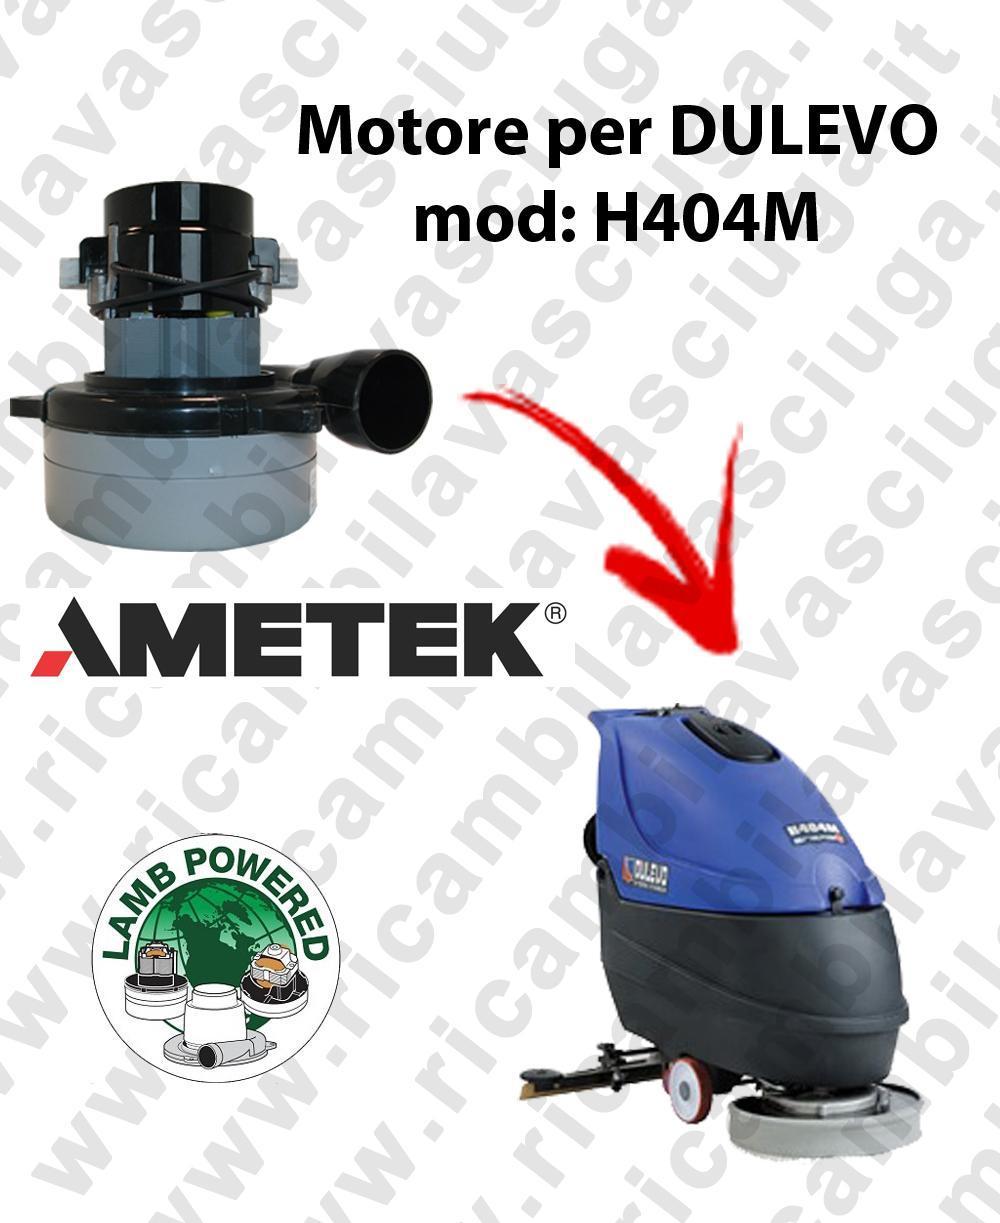 H404 M LAMB AMETEK vacuum motor for scrubber dryer DULEVO